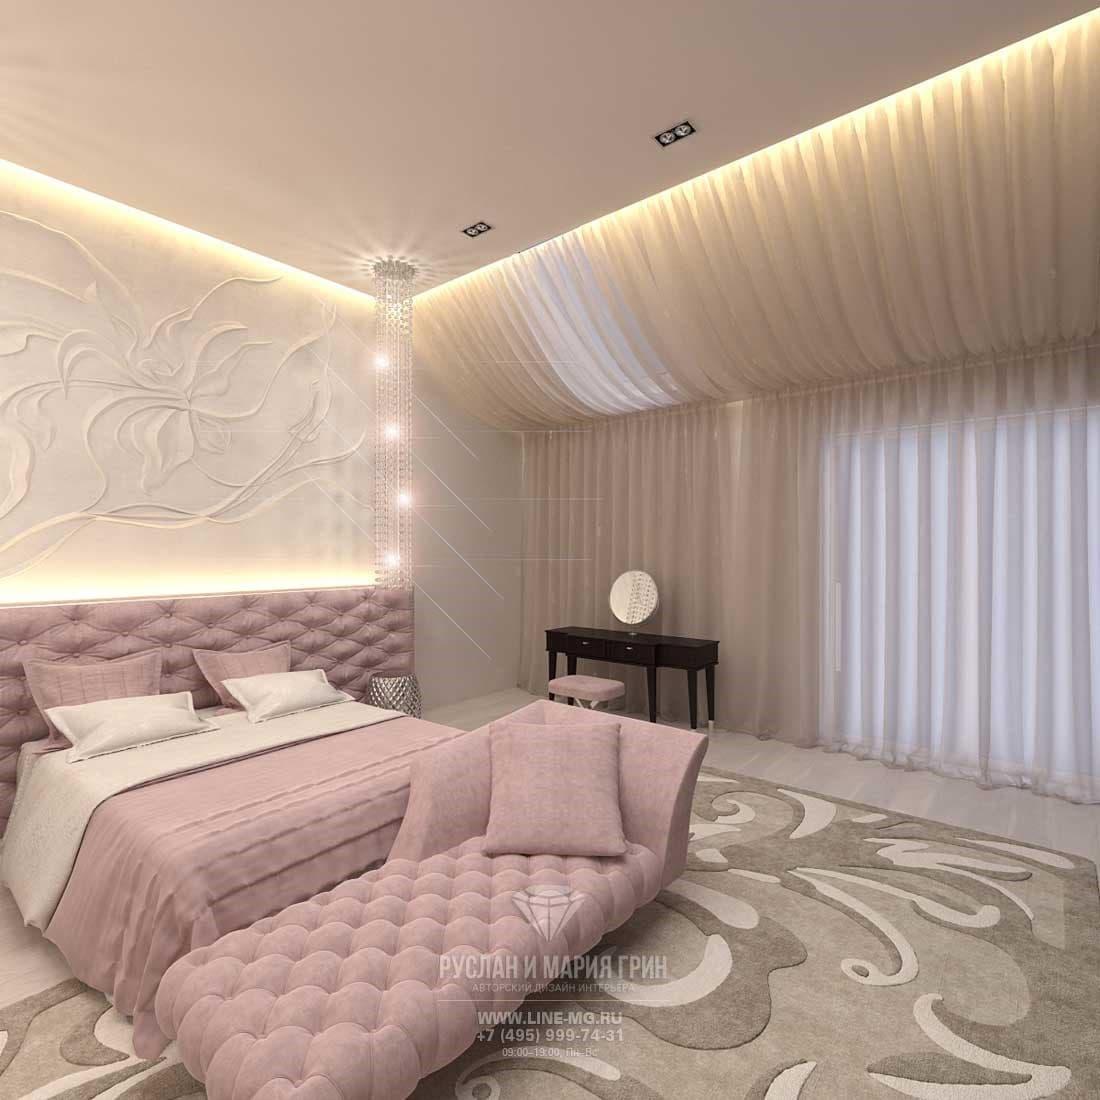 Розовый кварц в дизайне спальни